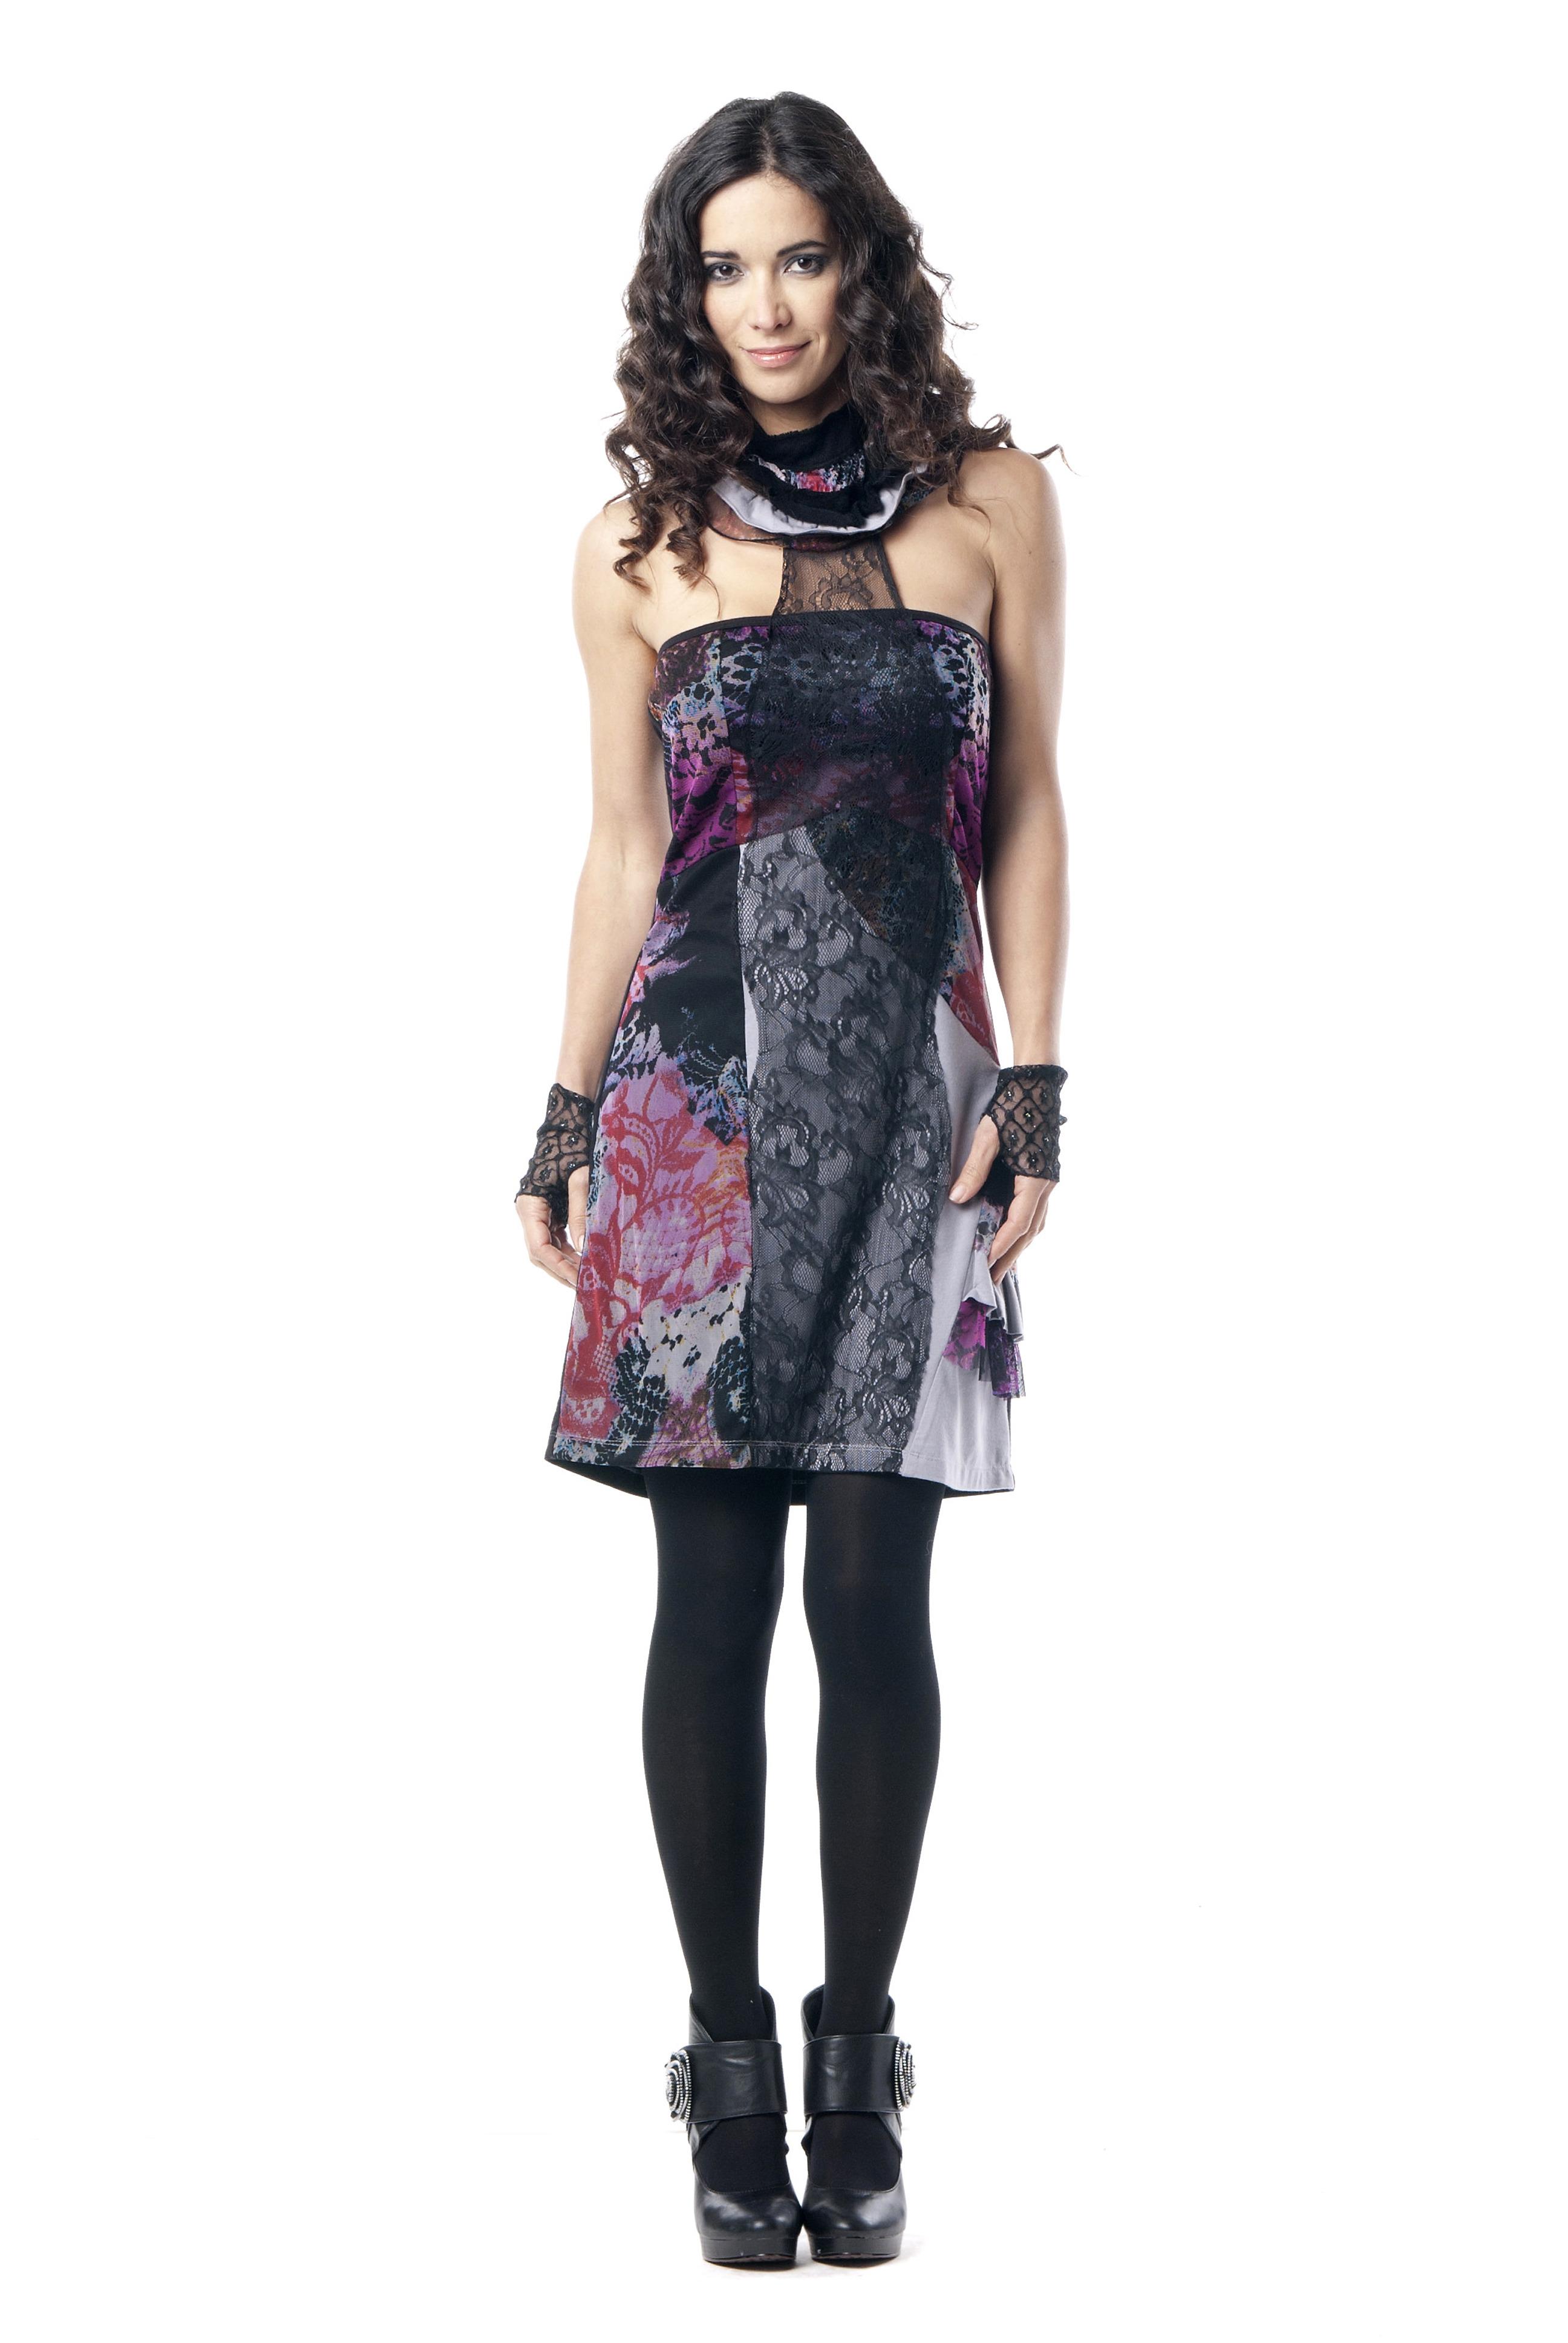 Les Fees Du Vent Couture: Femme Fatale Dress LFDV_887311